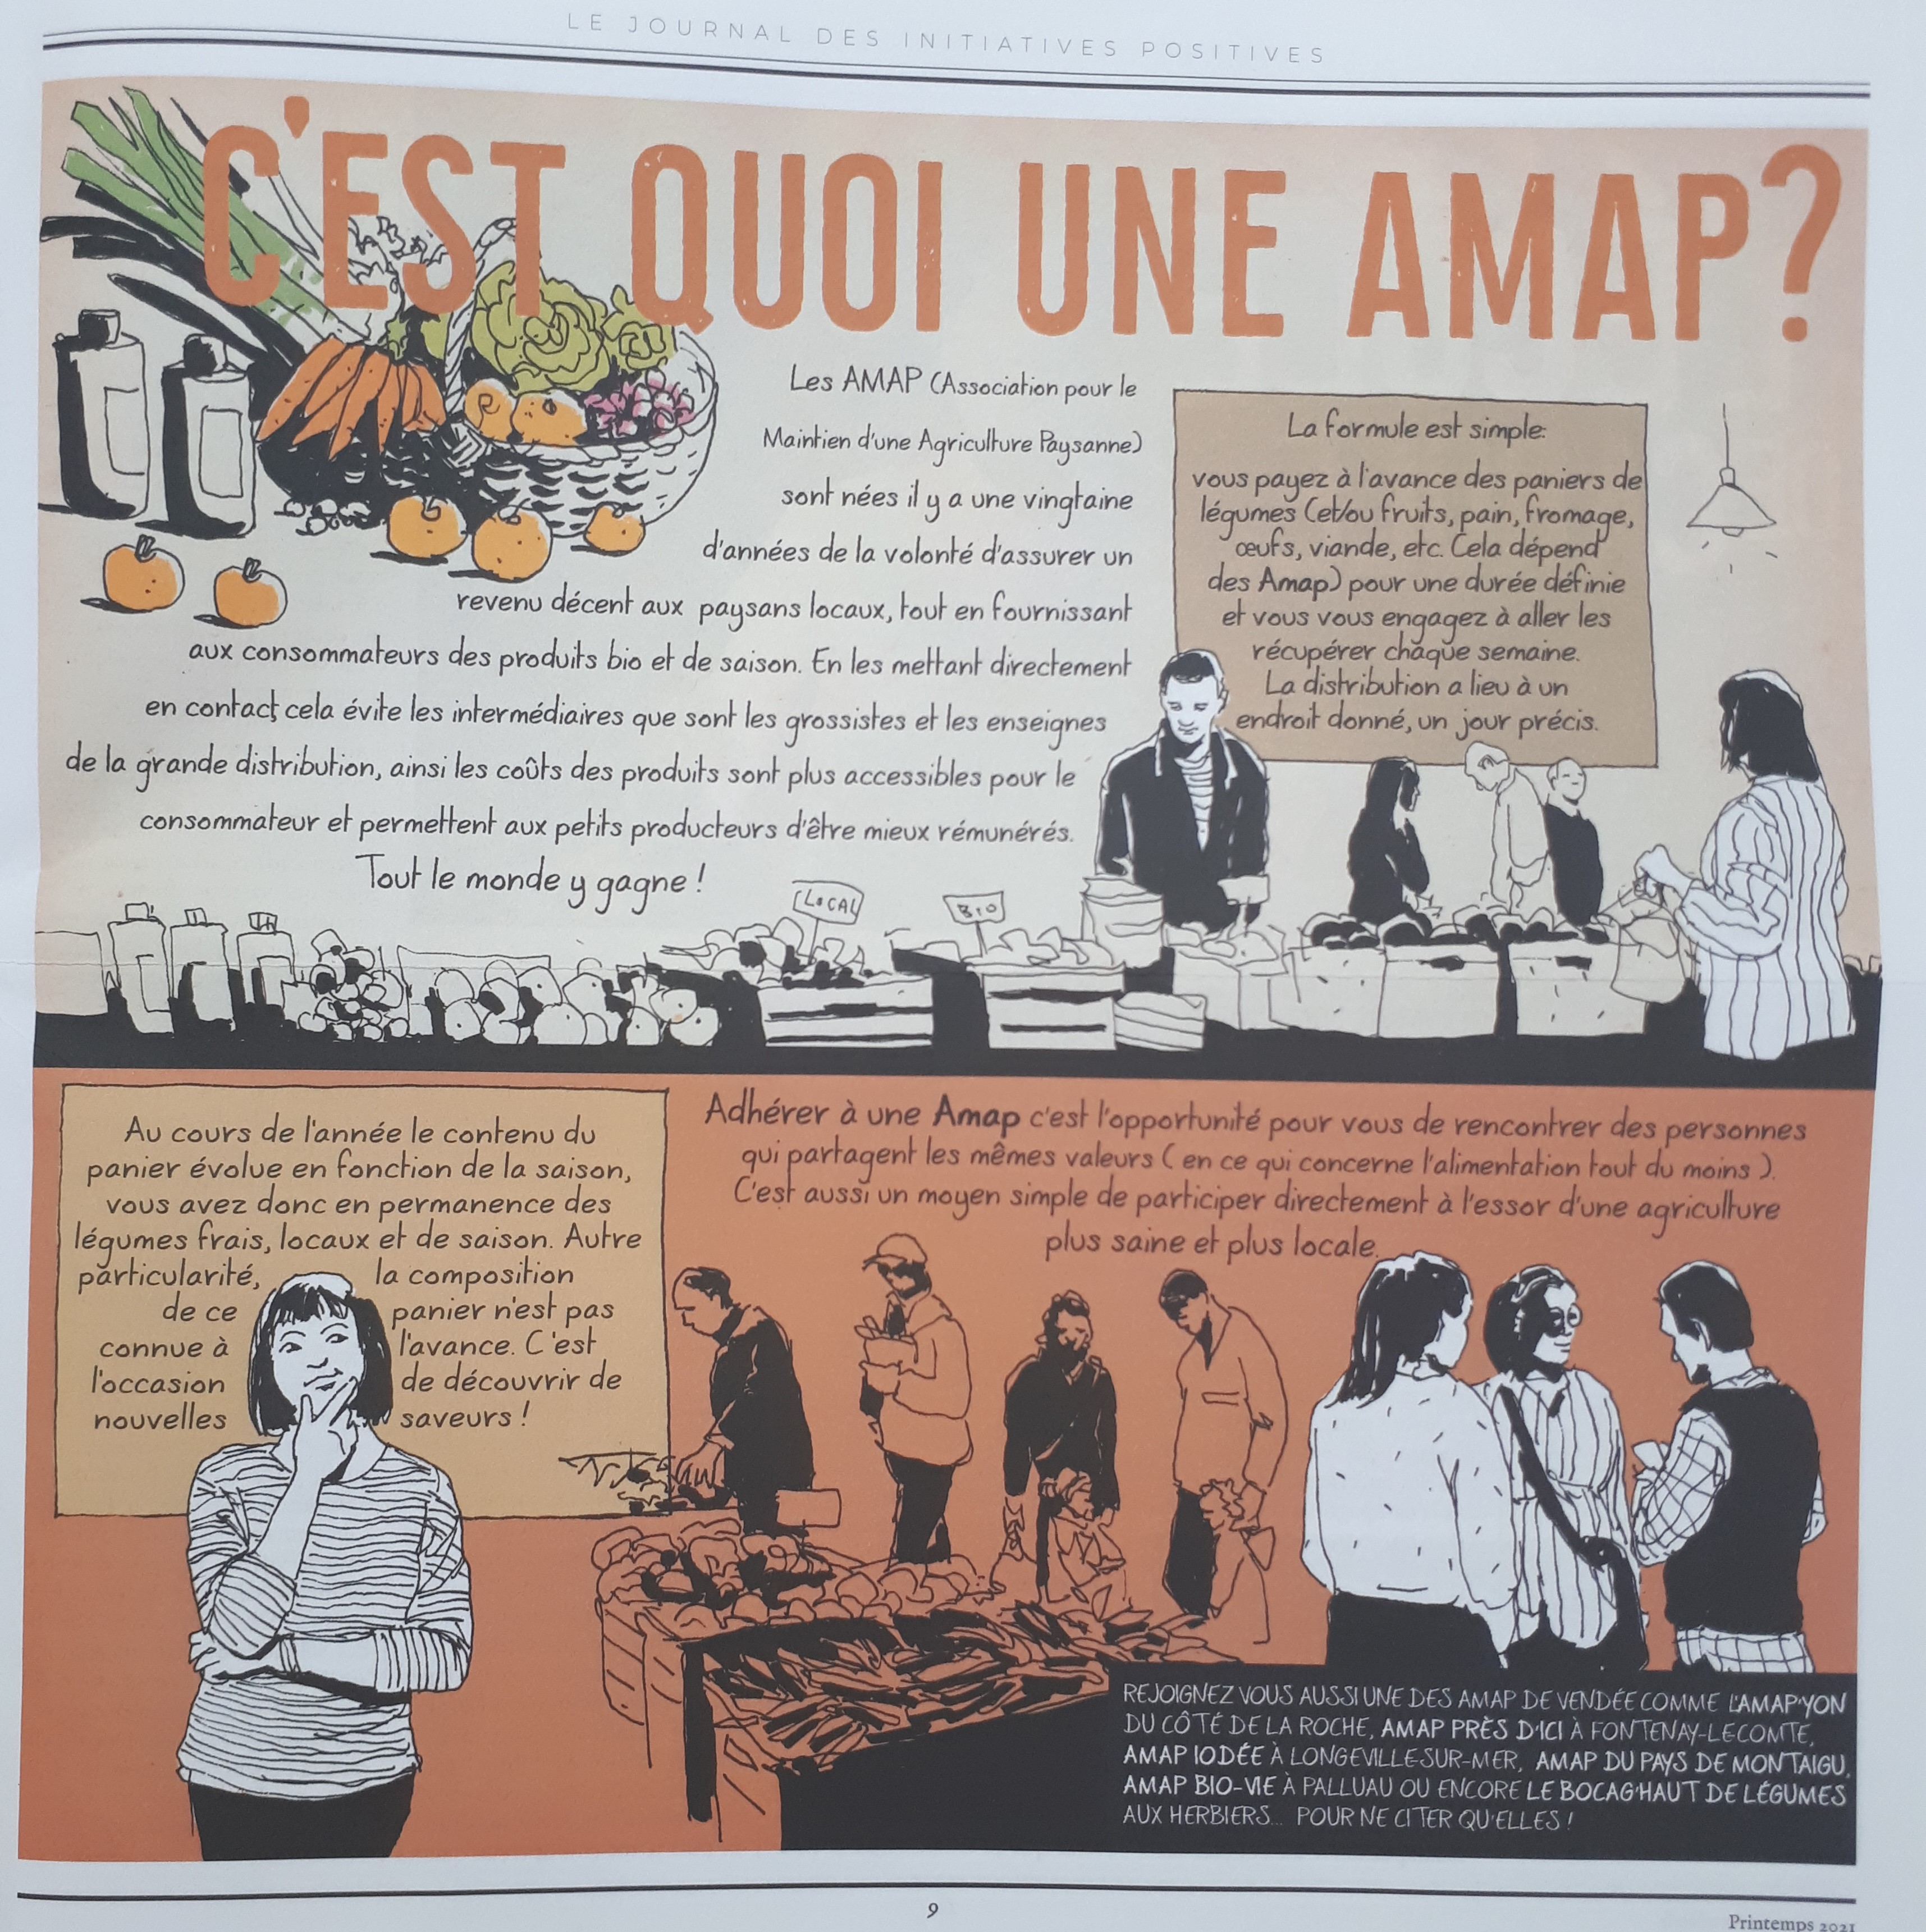 article AMAP - journal des initiatives positives n°9 - printemps 2021 (2)